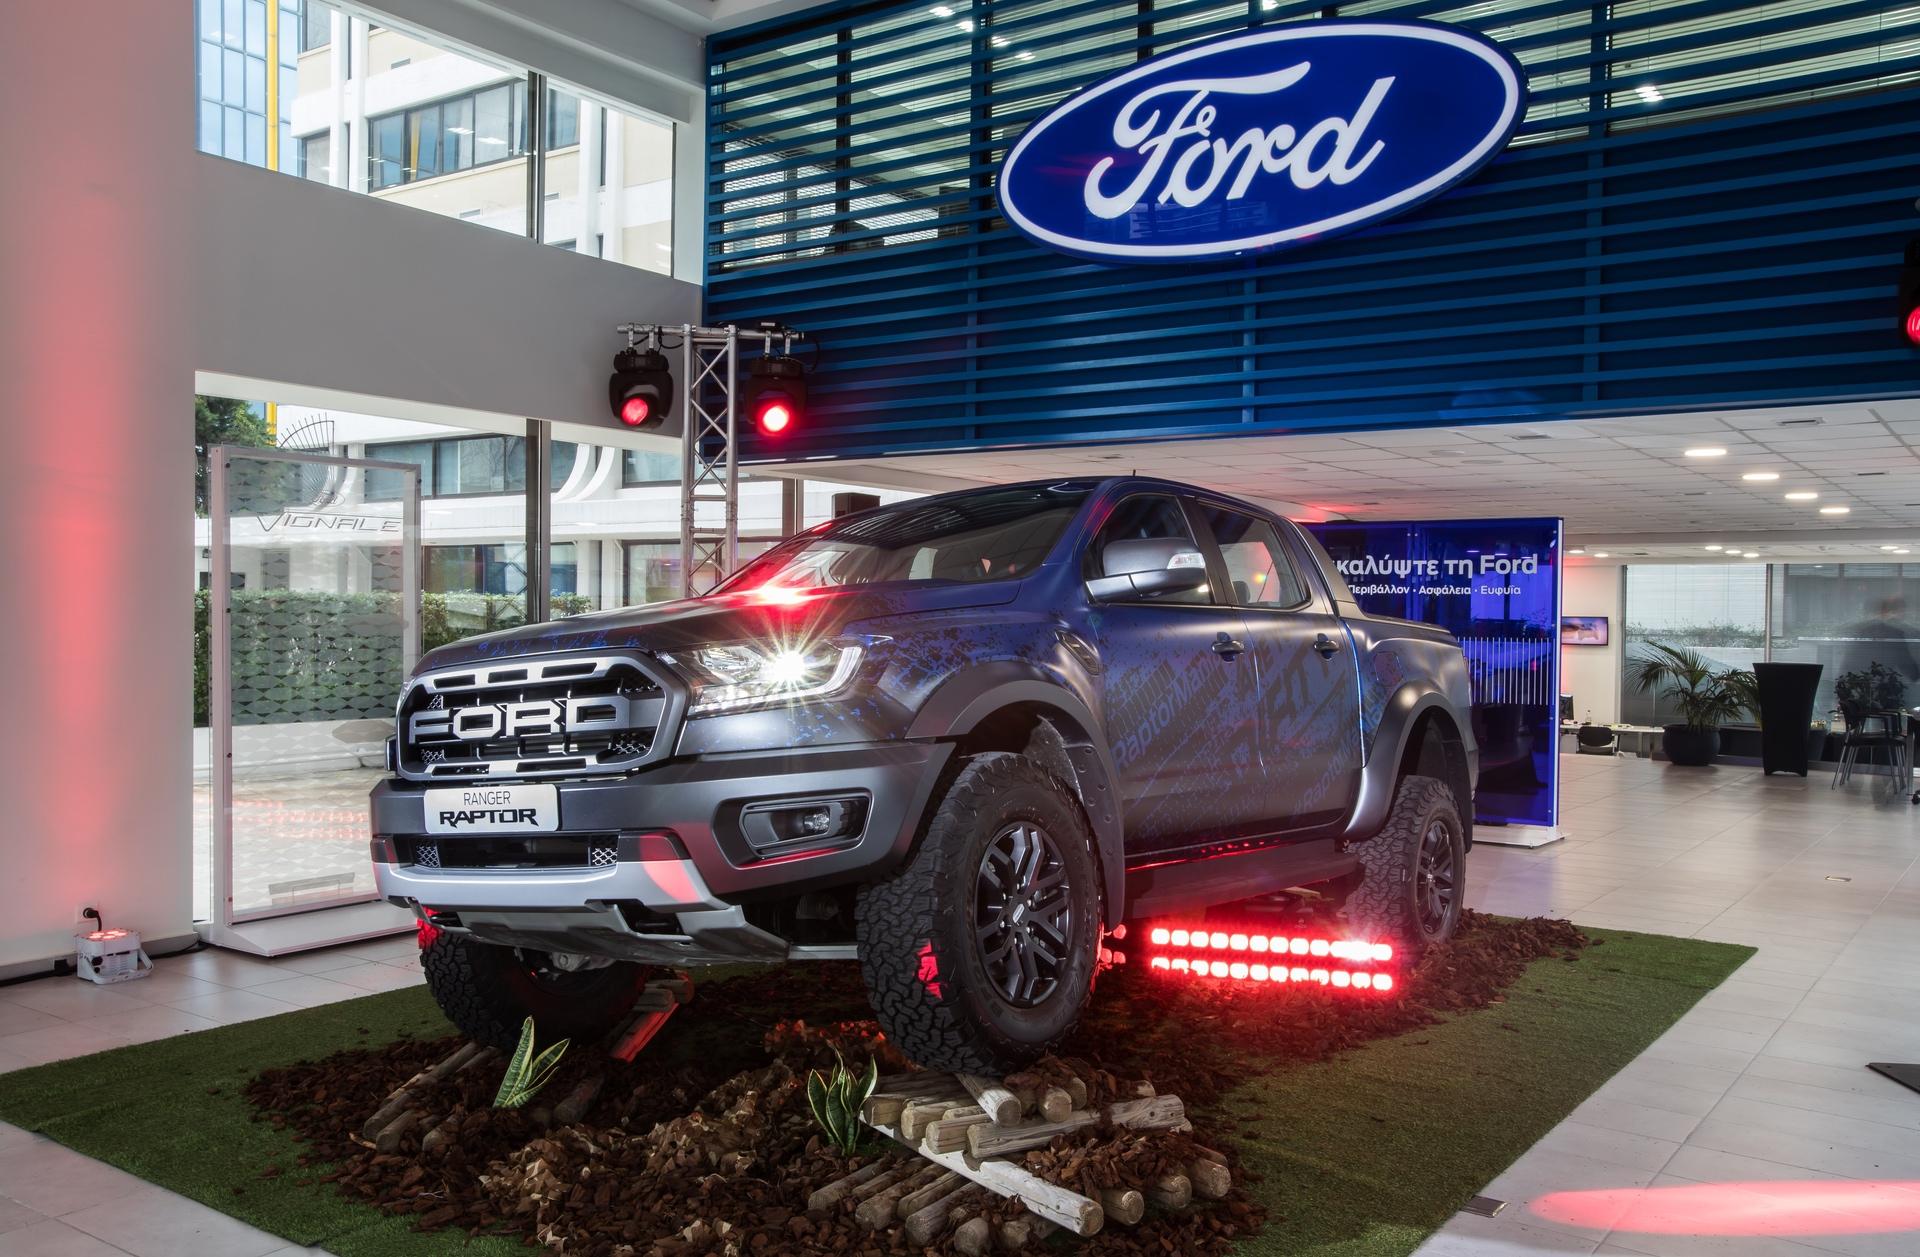 Ford_Ranger_Raptor_greek_resentation_0002